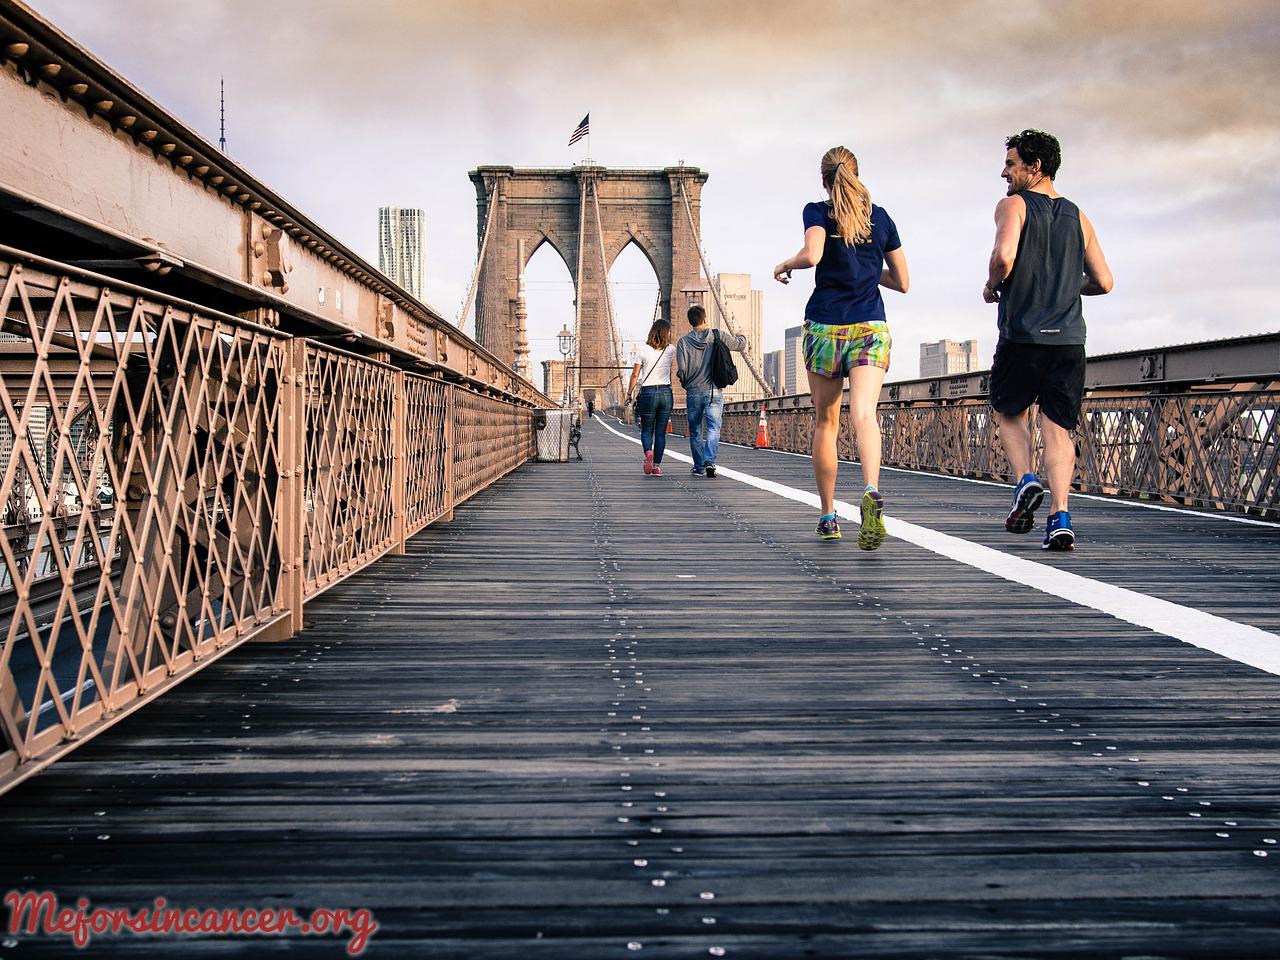 actividad_fisica_deporte_cancer_correr